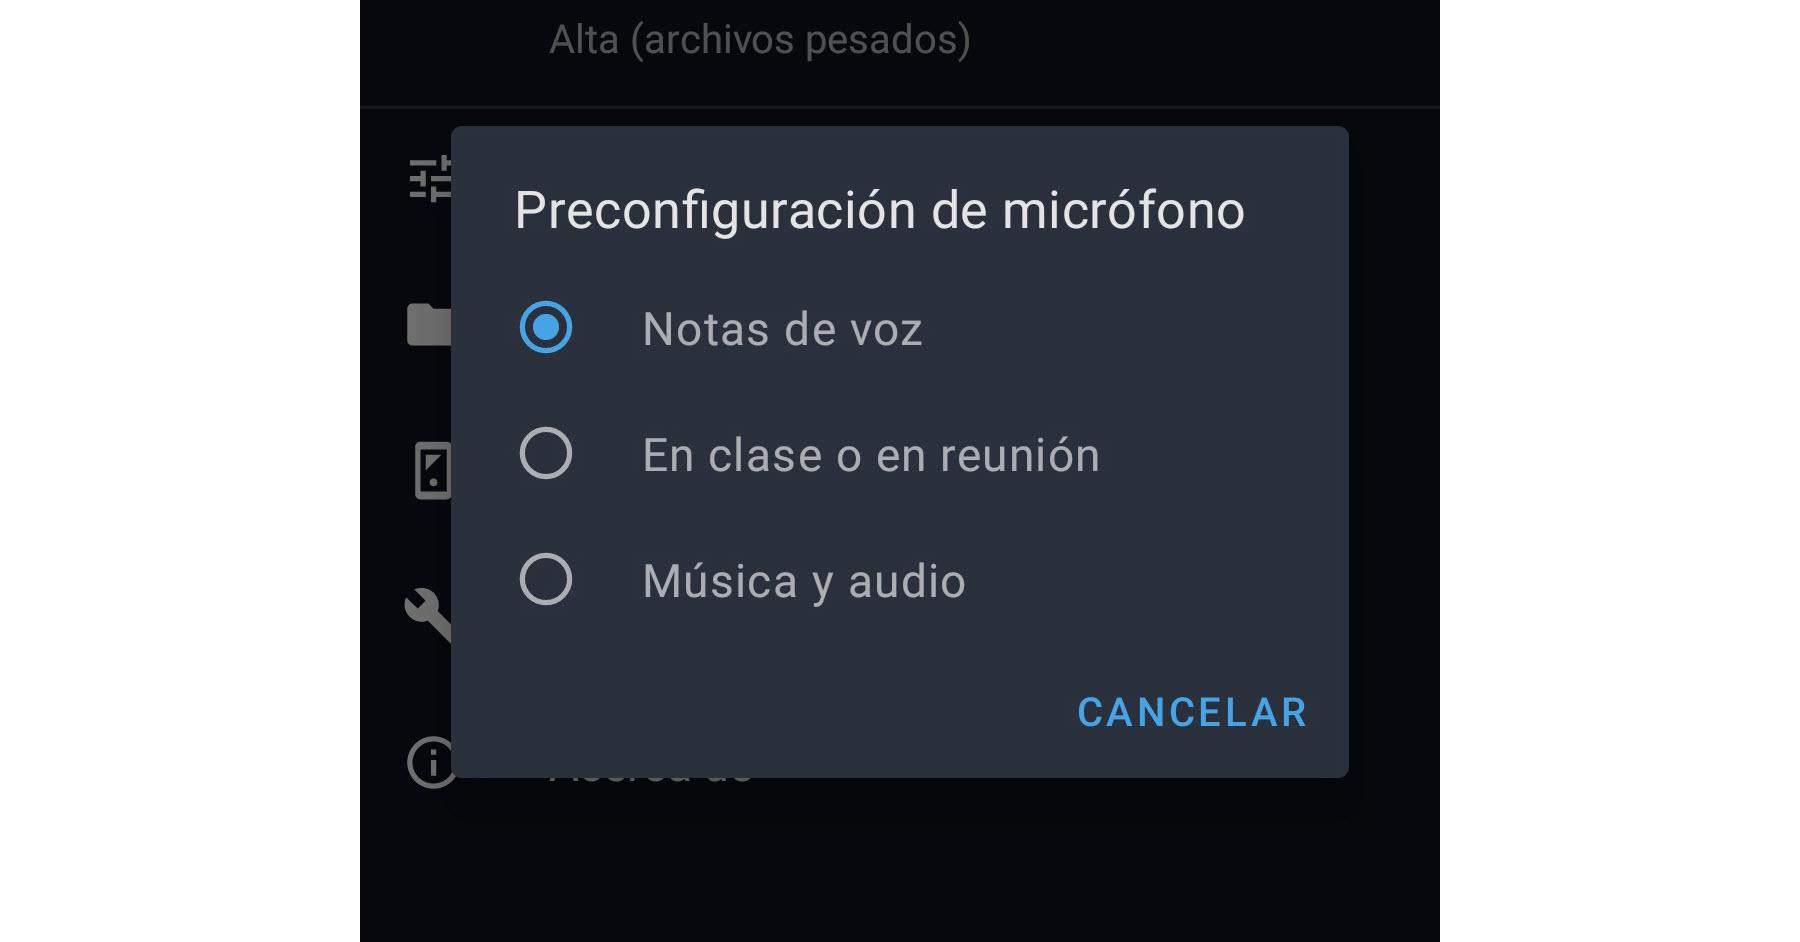 3 APPS para grabar la voz o audio en Android